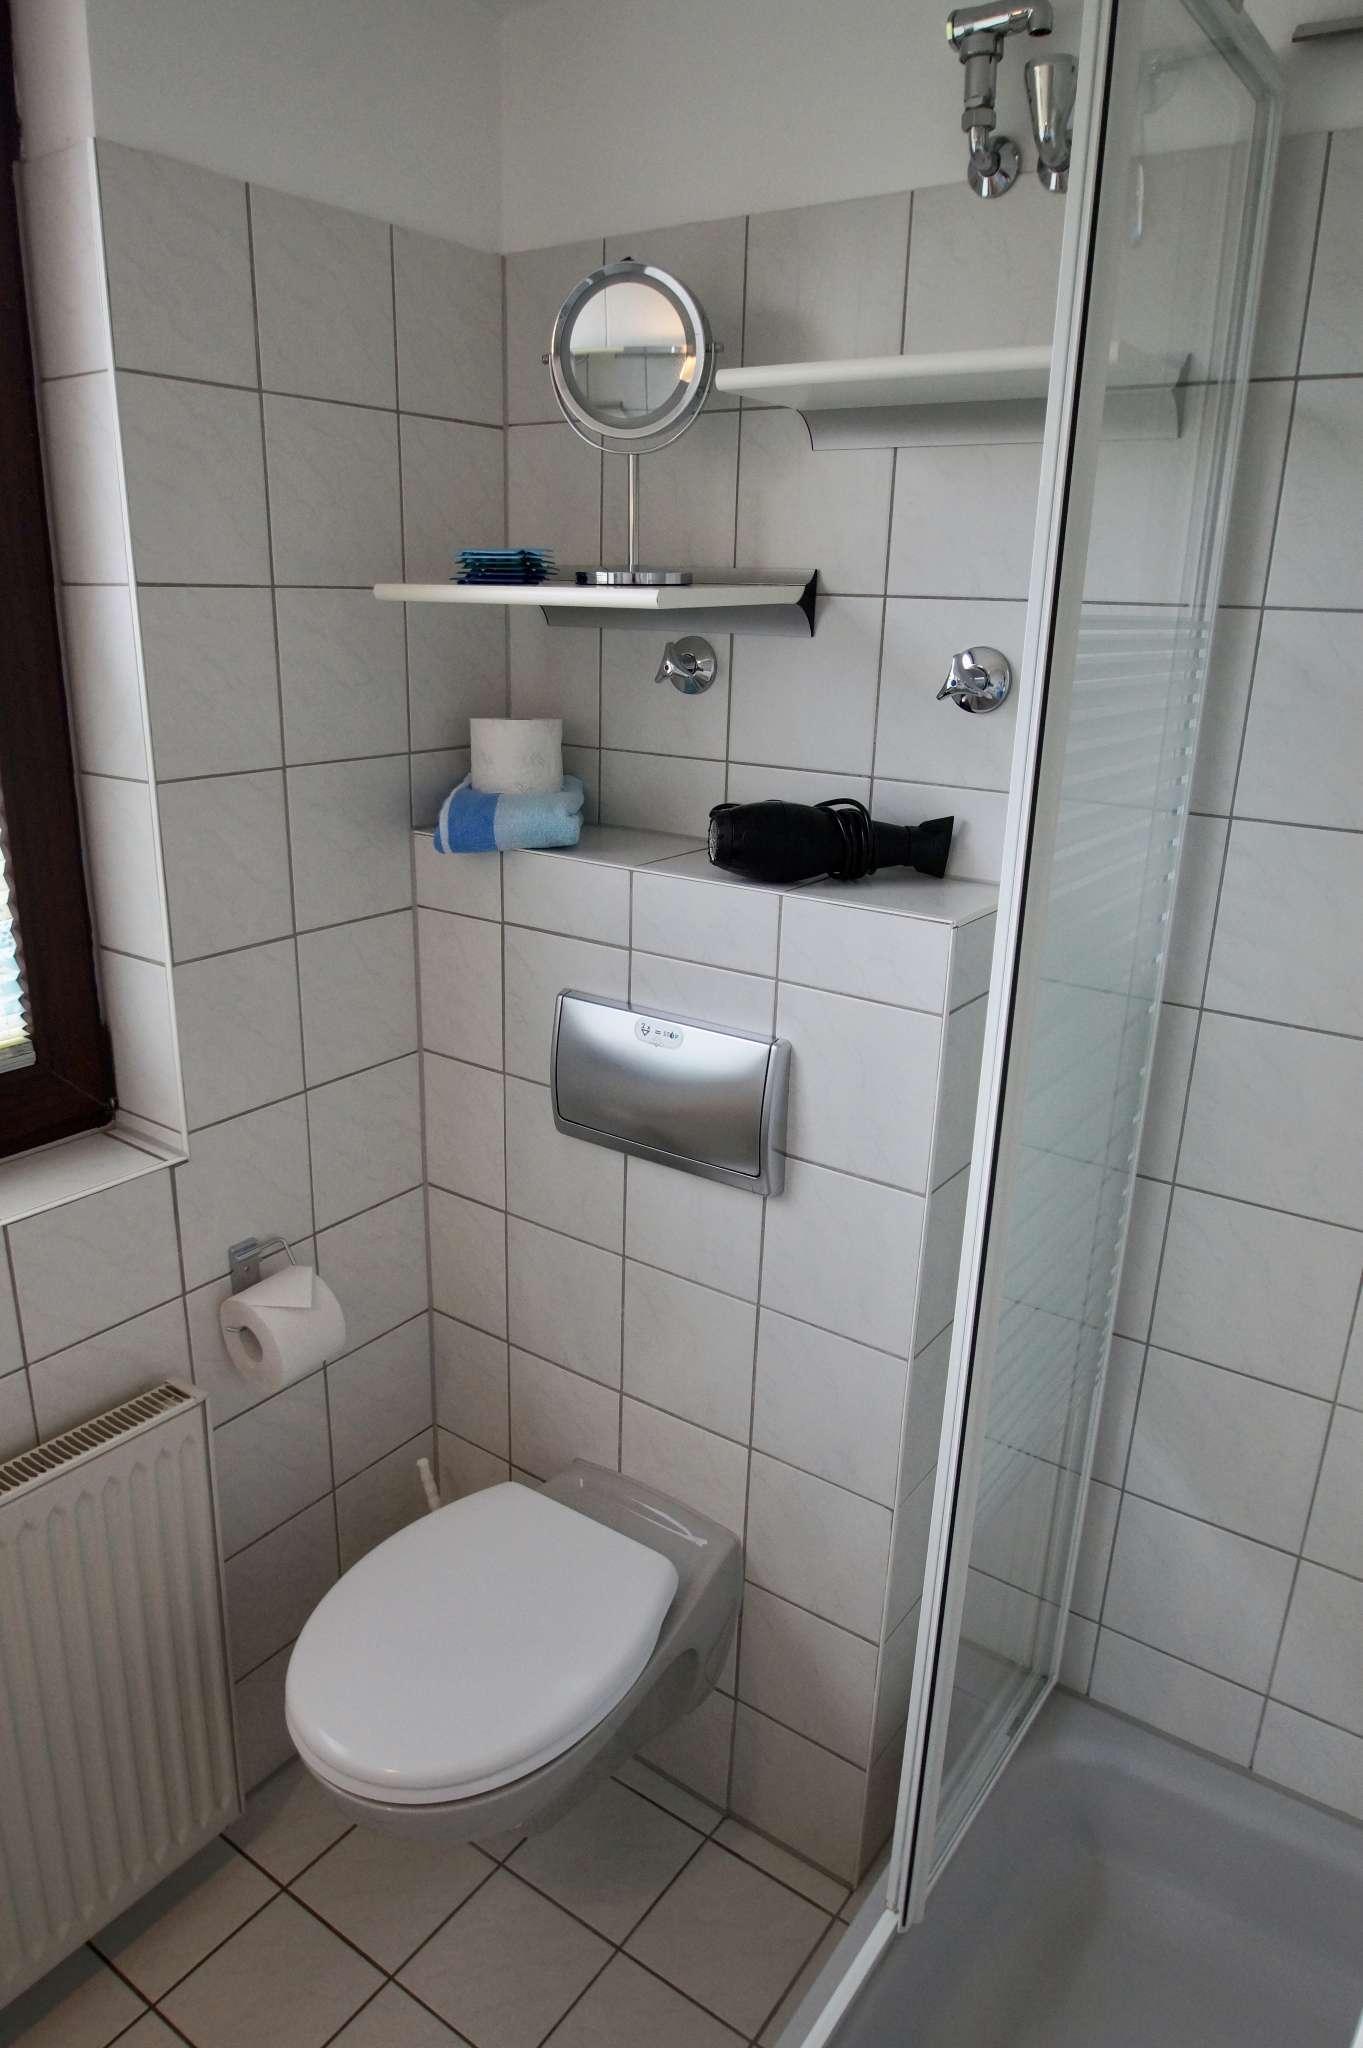 Duschbad mit großen Fenster